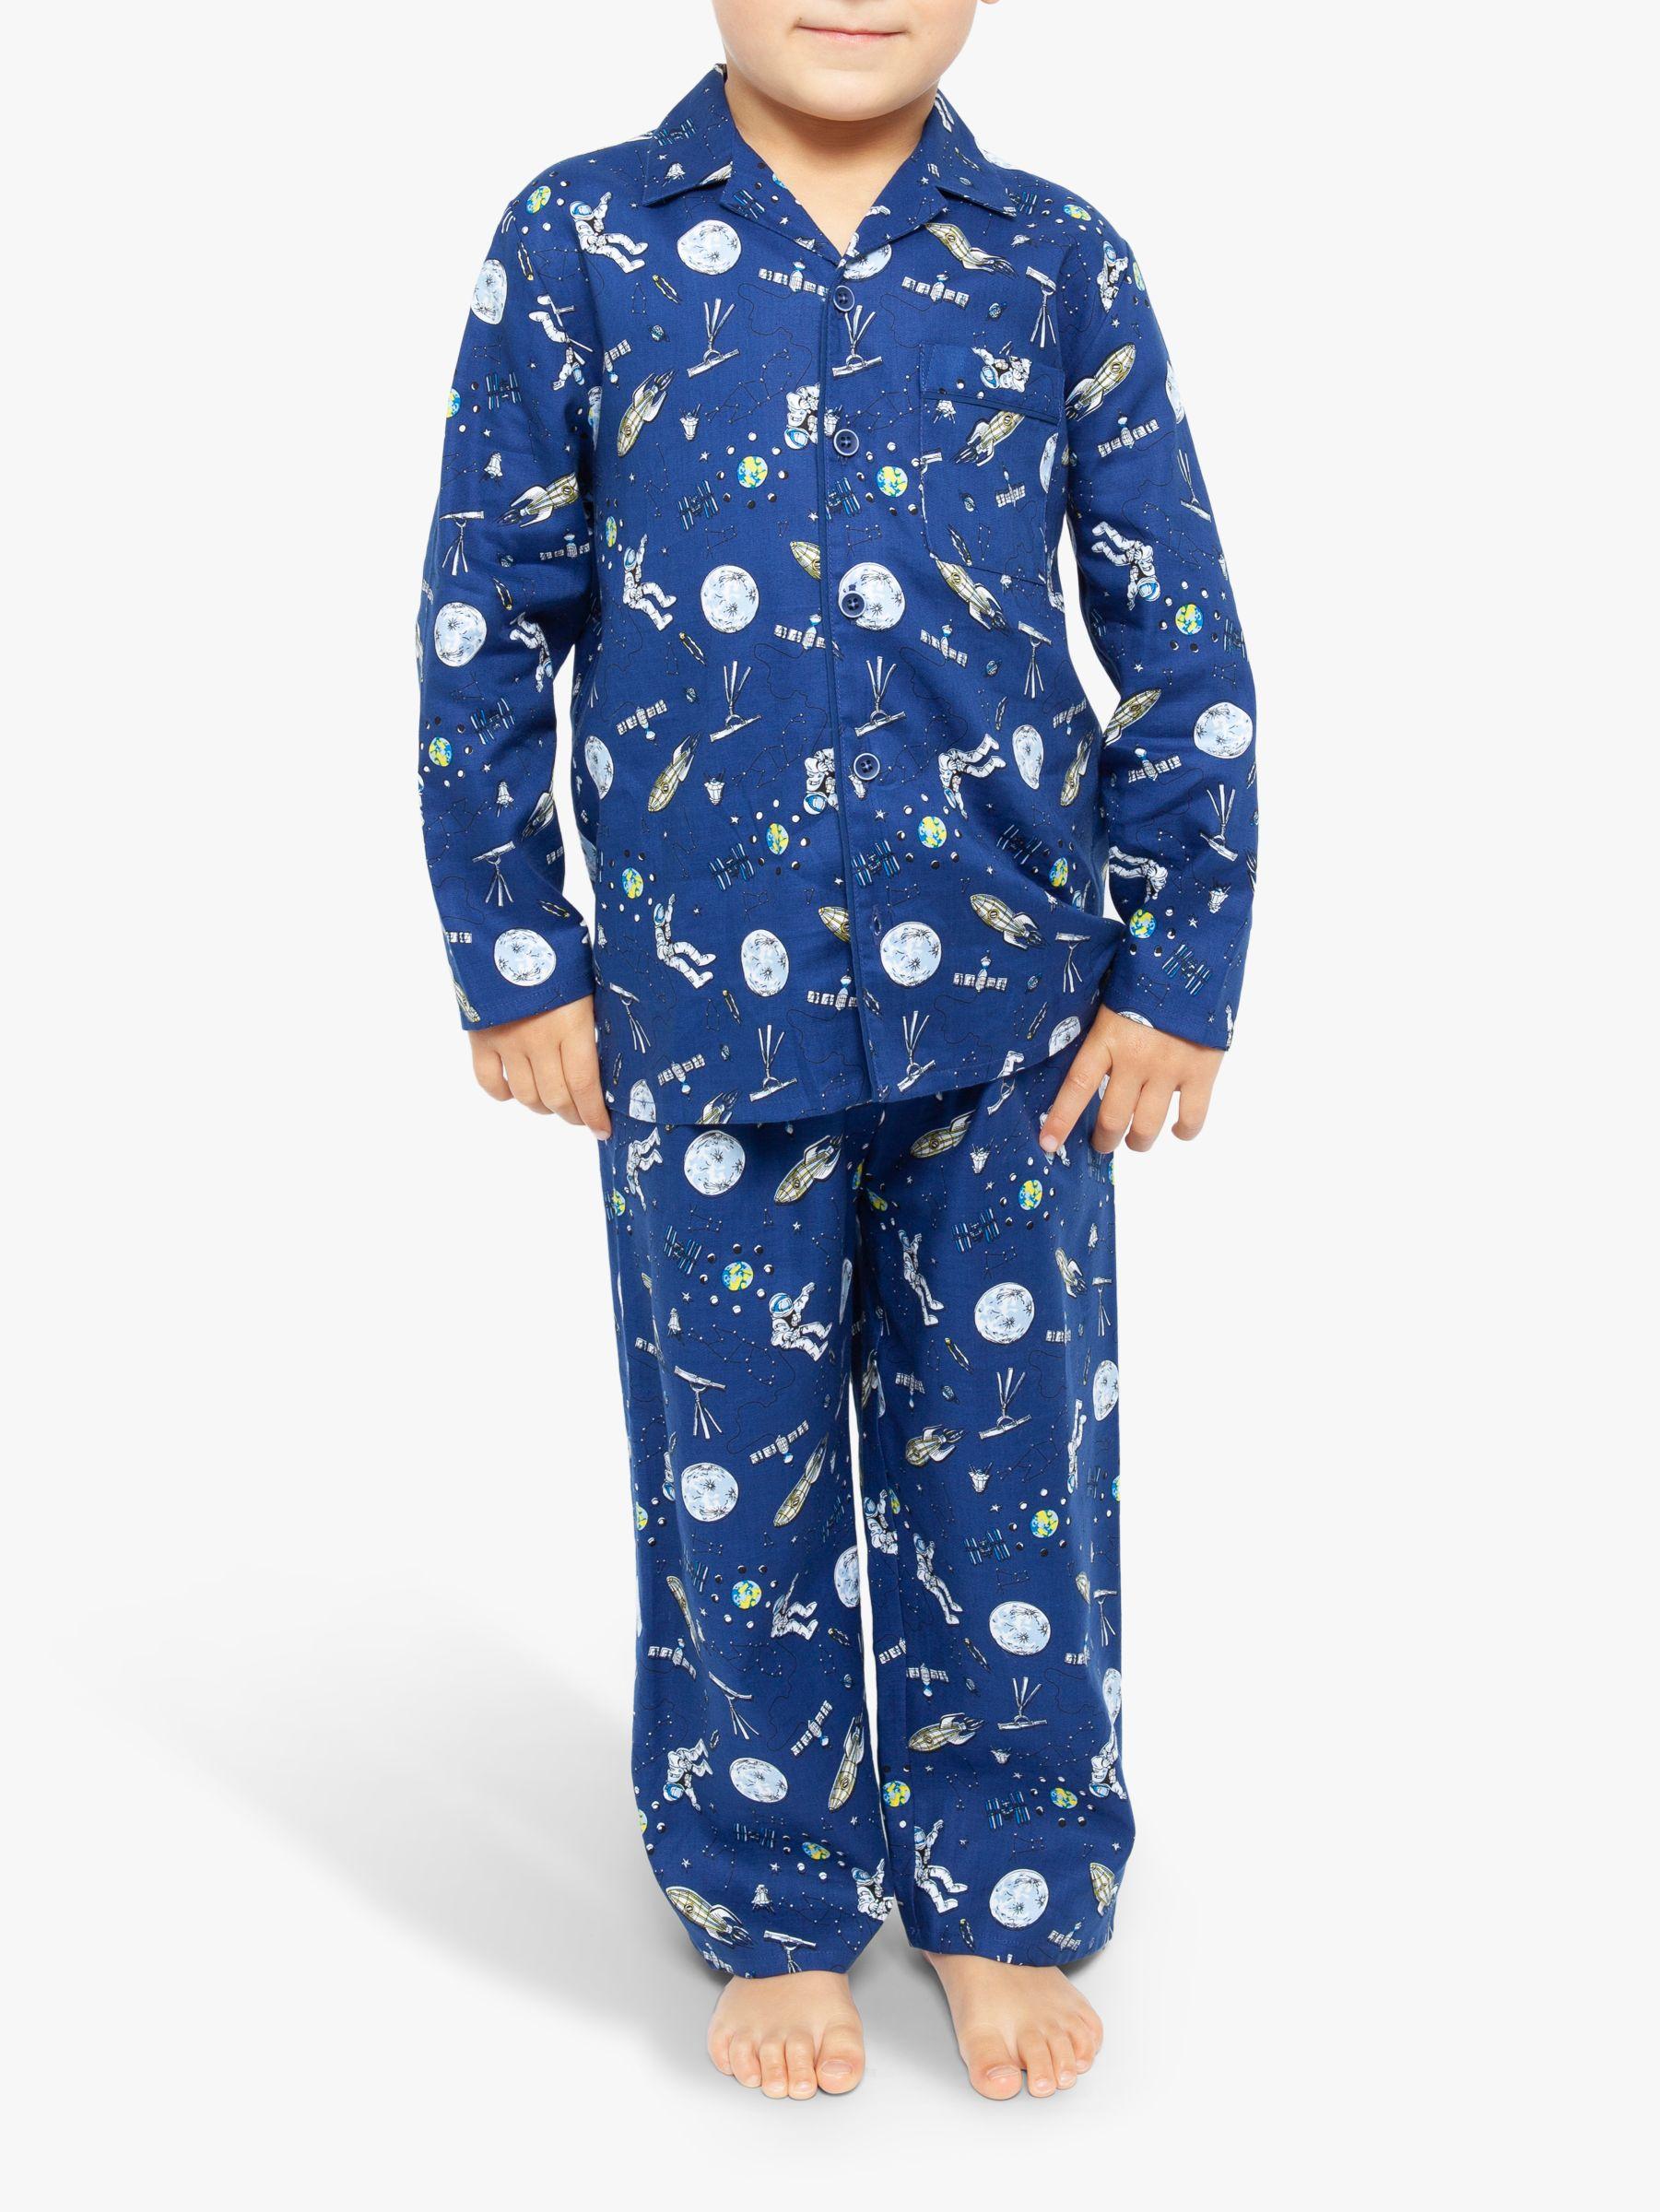 Cyberjammies Cyberjammies Boys' Space Long Sleeve Pyjama Set, Blue